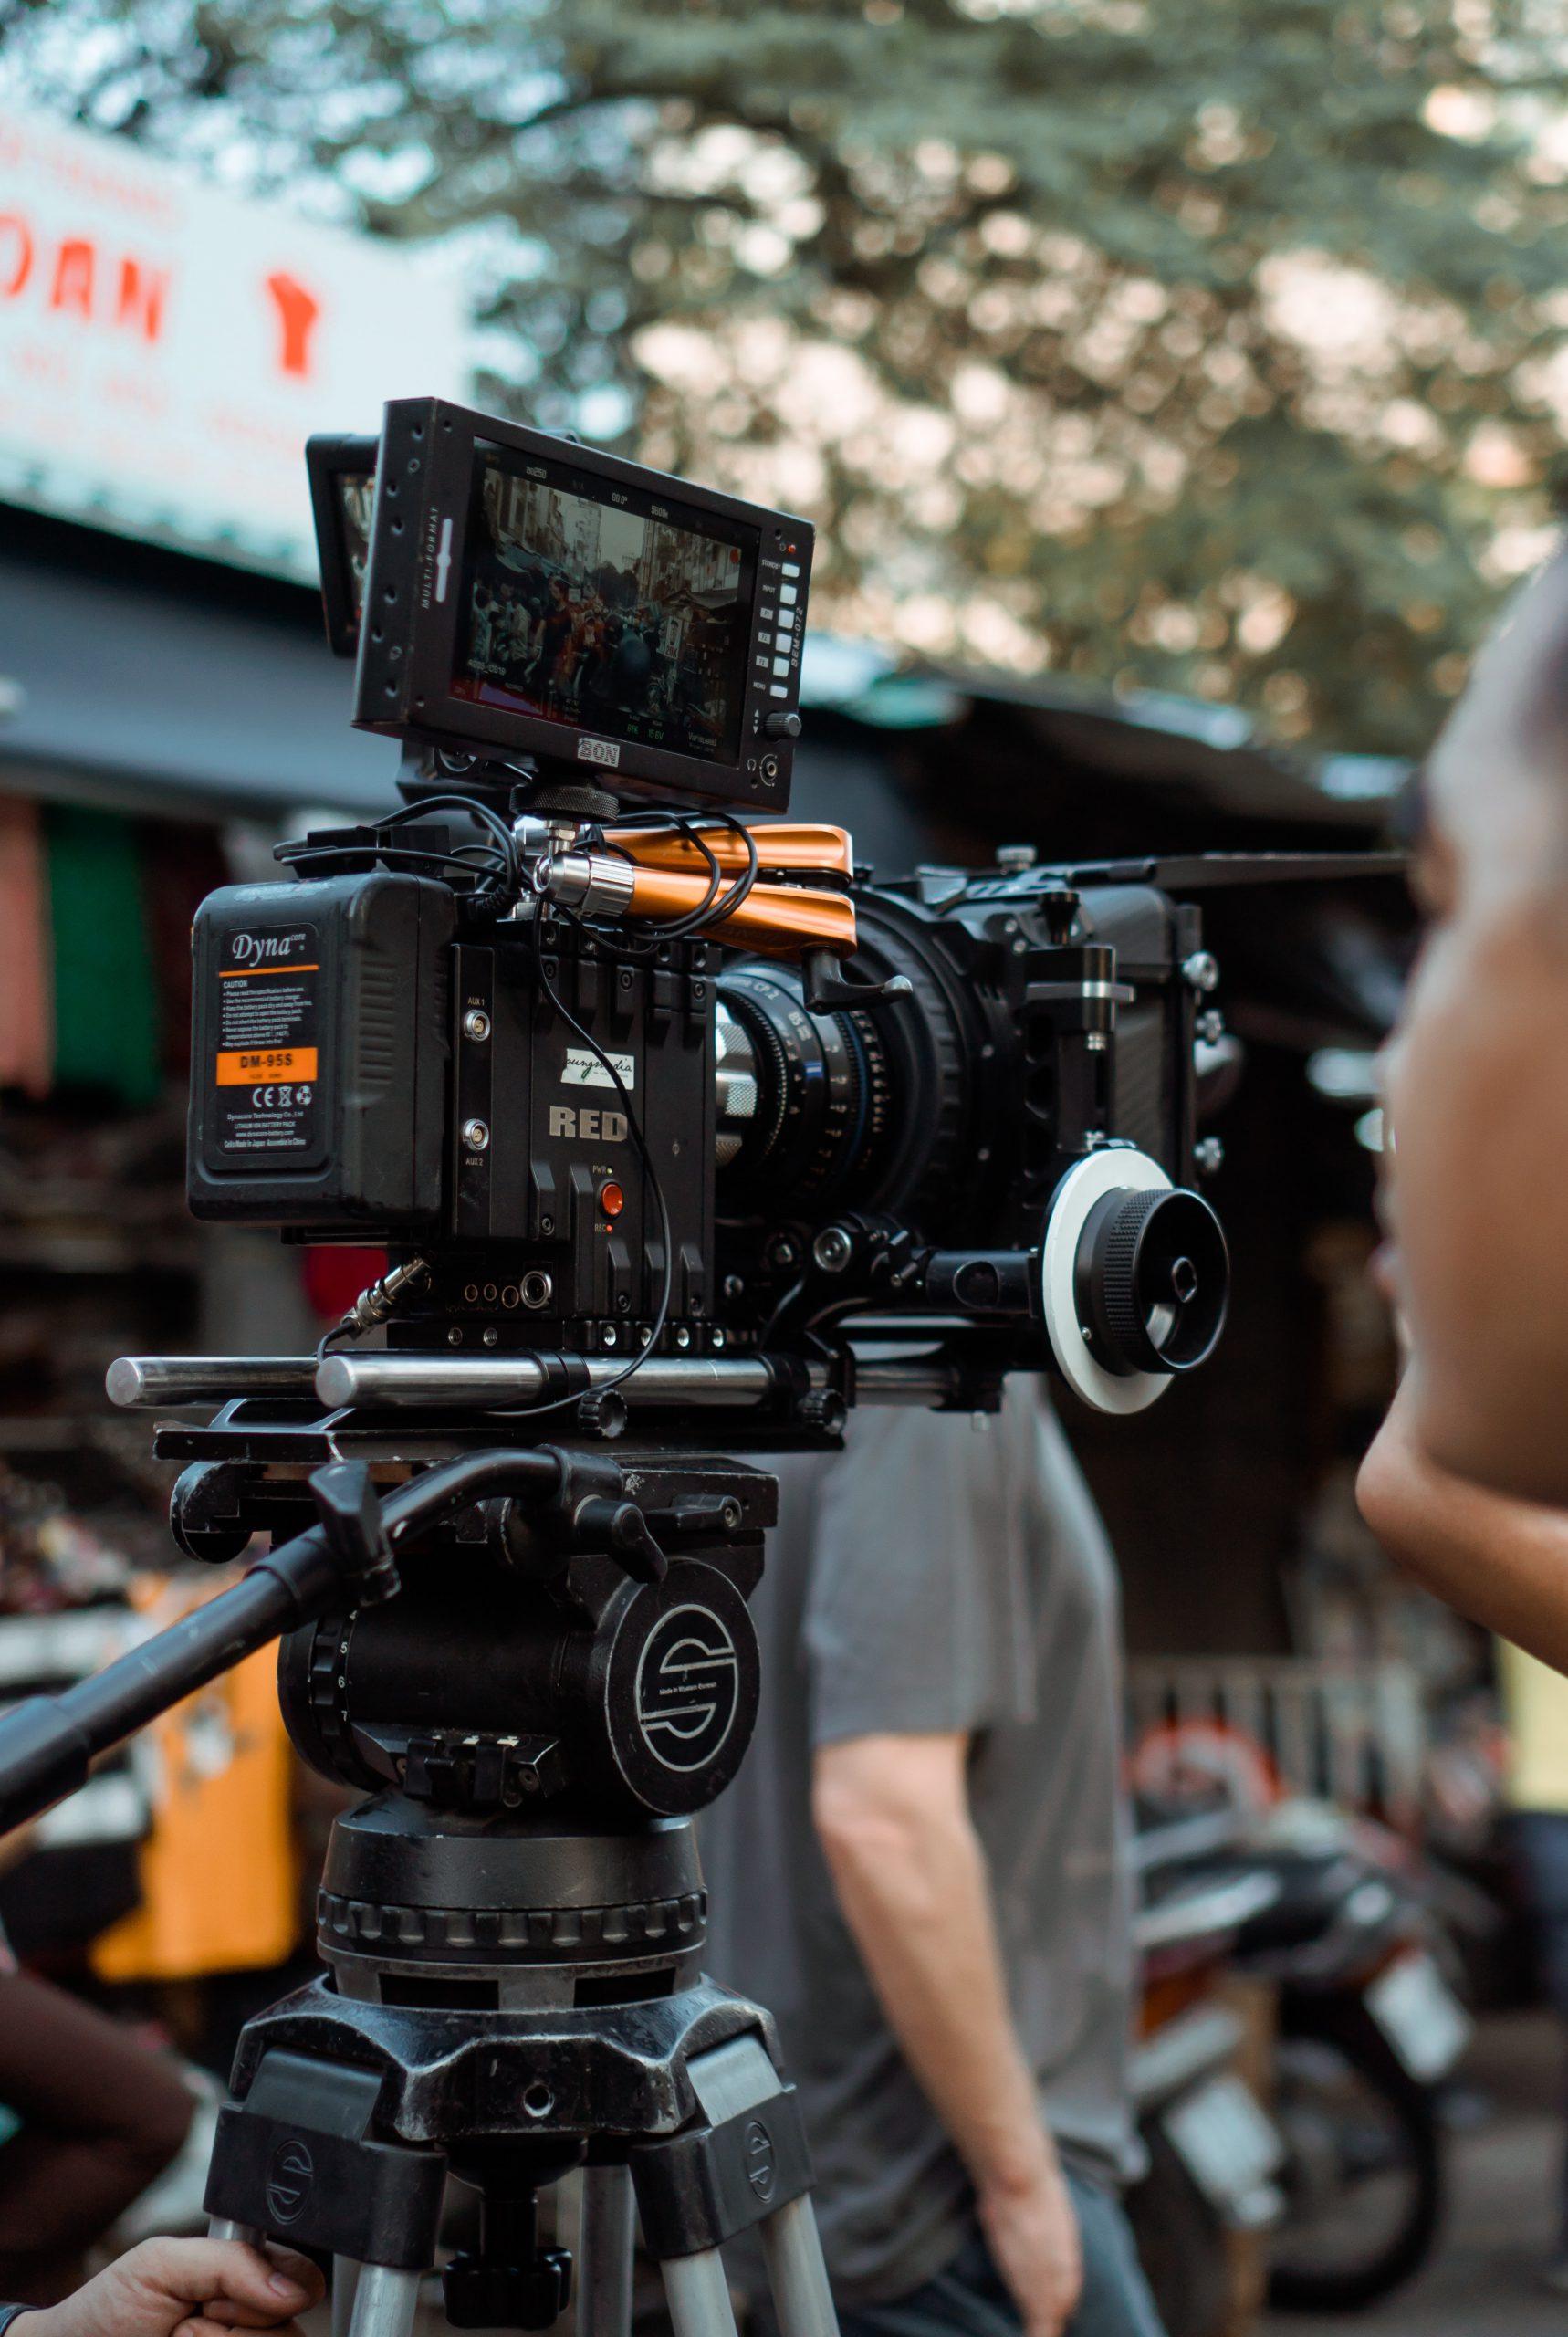 Videoproductie Den Haag